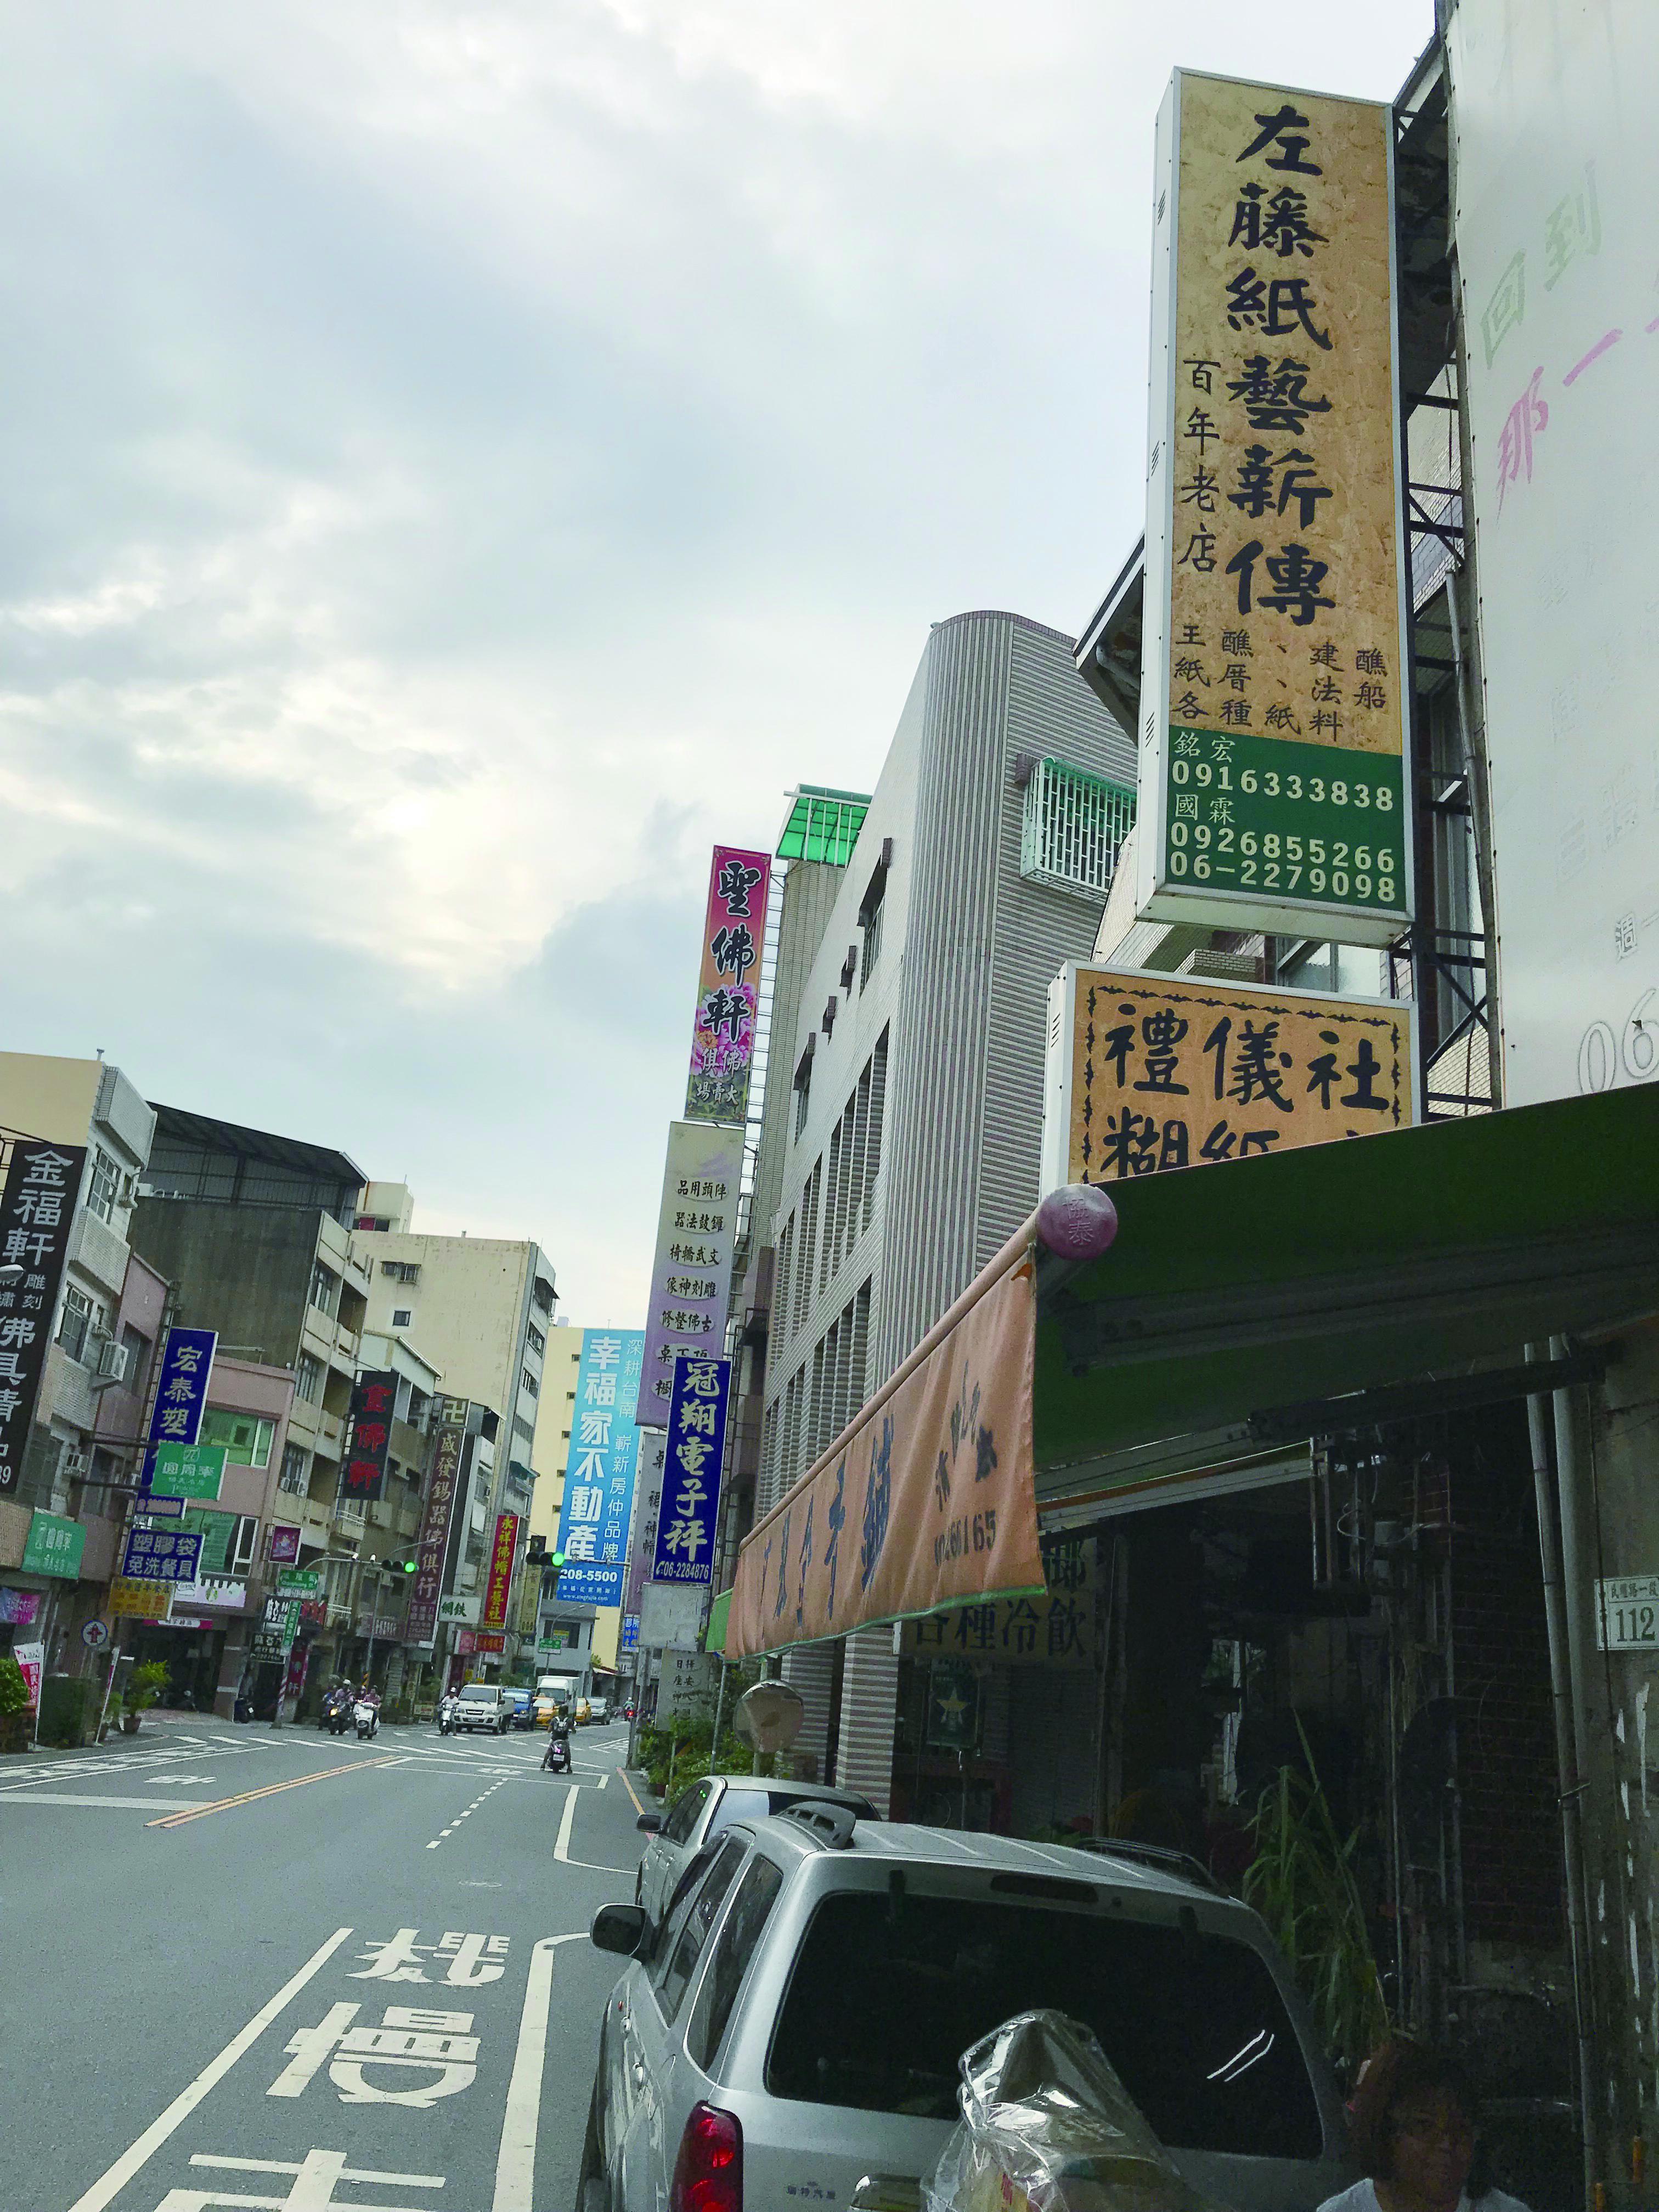 在臺南製作「七娘媽亭」最著名的是位於臺南市民權路「左藤紙藝薪傳」。.jpg